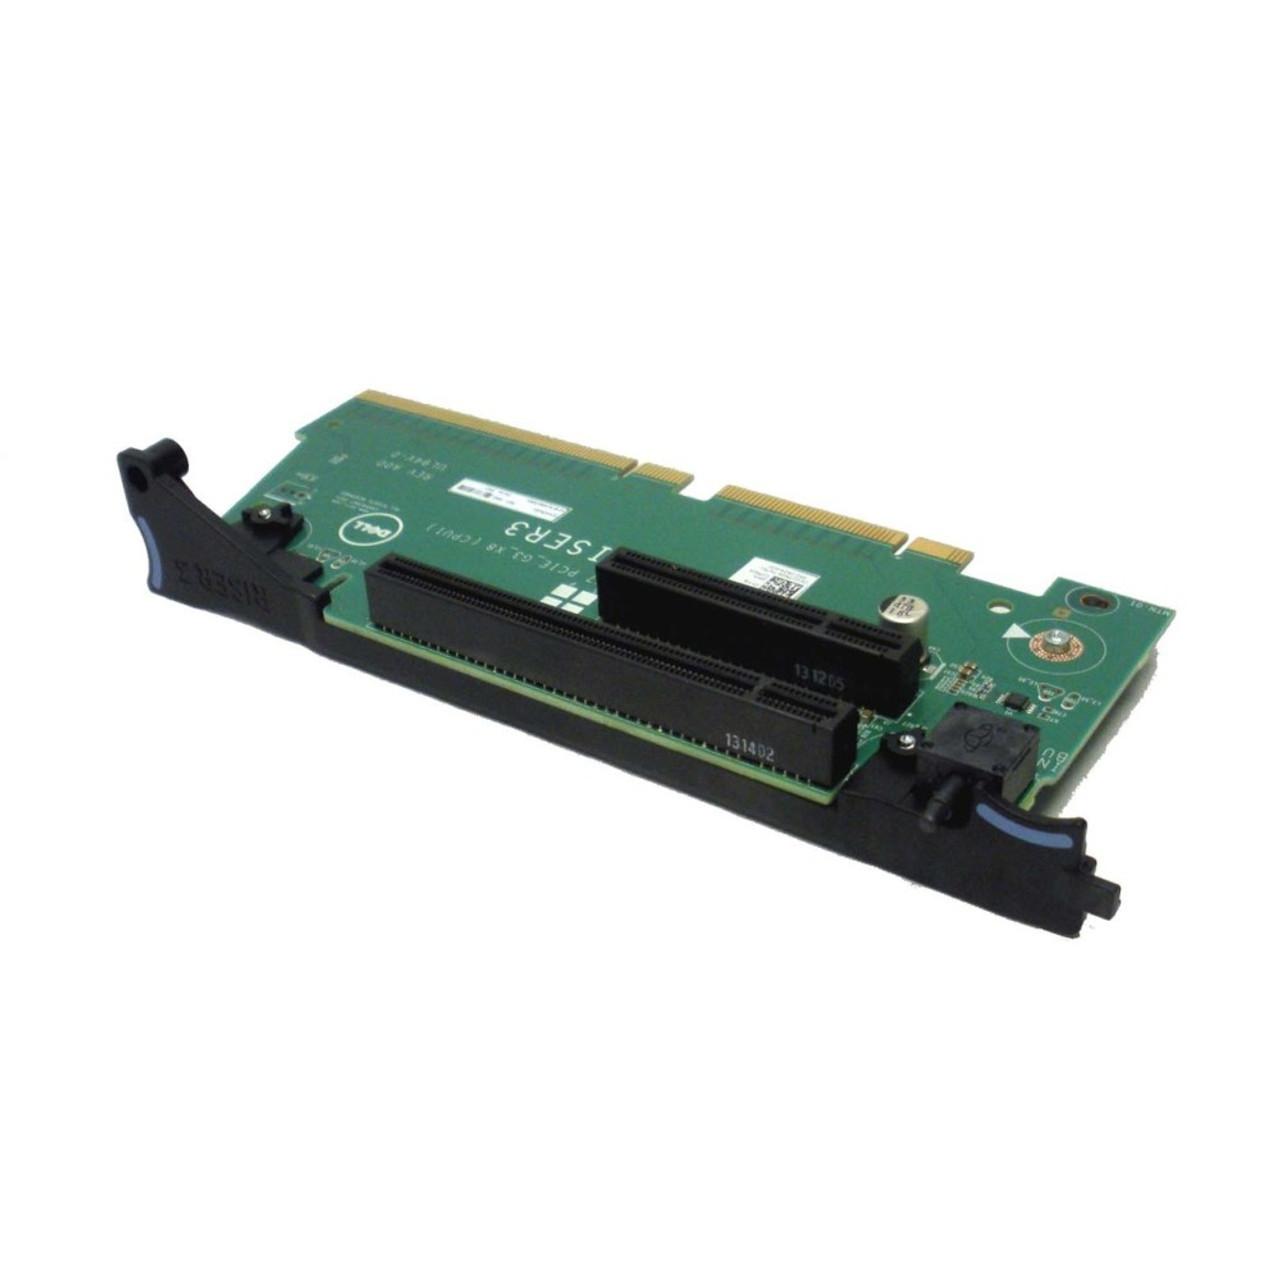 Dell 1FRG9 PowerEdge R820 #3 Riser Card